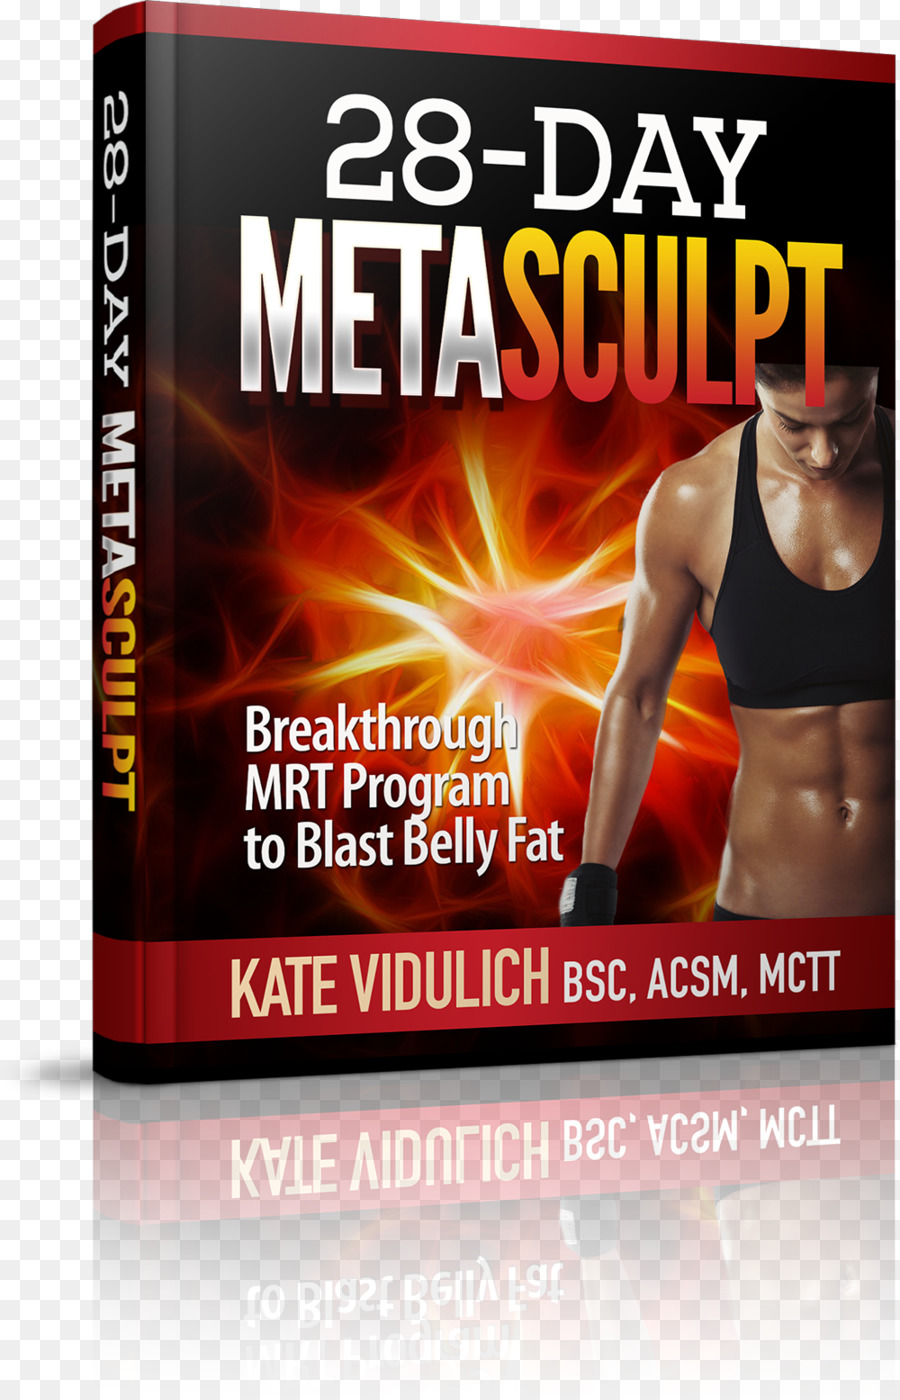 Dieta cetogenica y el ejercicio